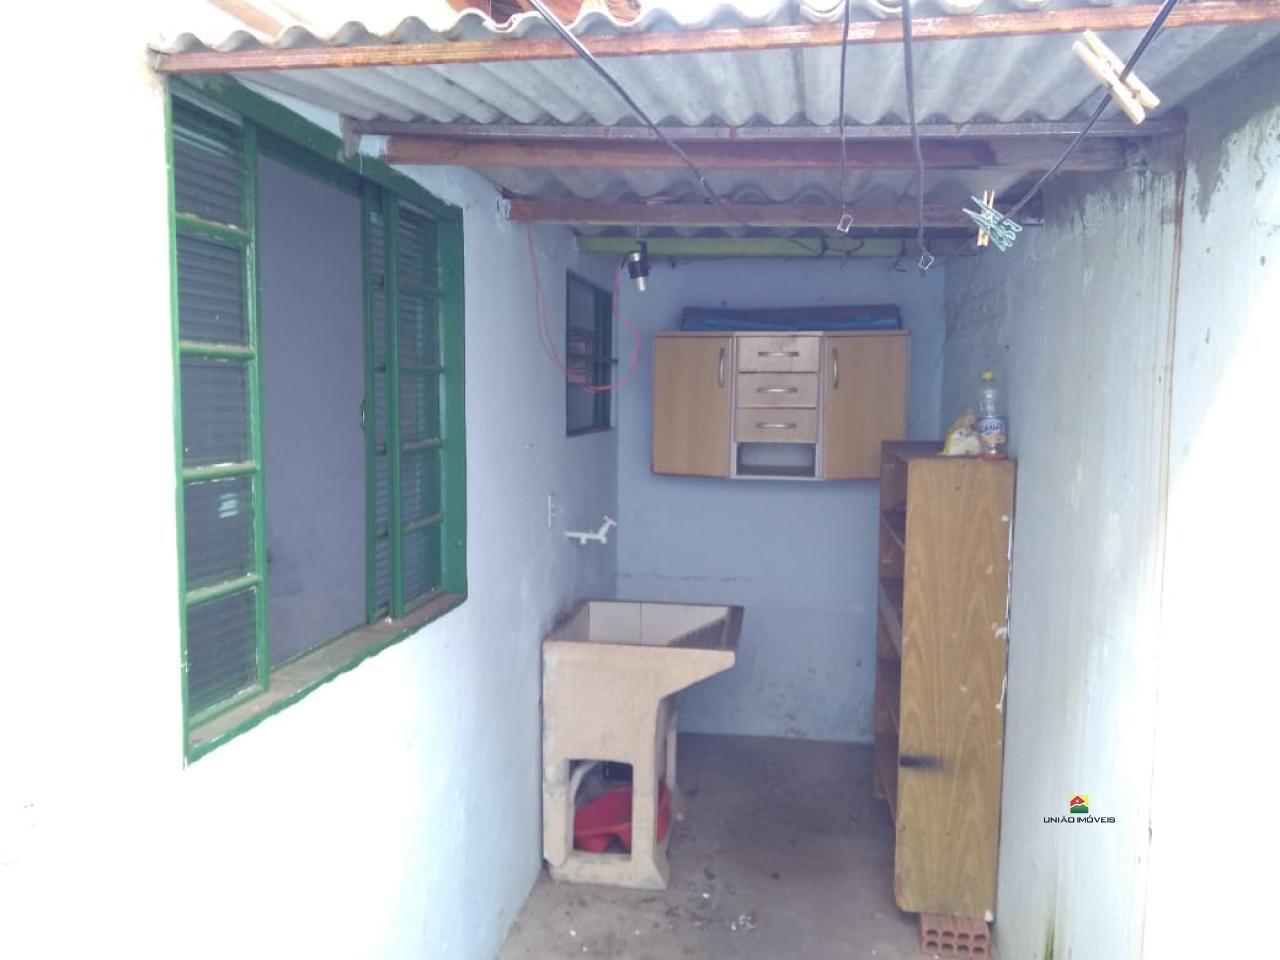 http://www2.sgn2.com.br/clientes/itirapina/vda/v2495a.jpg